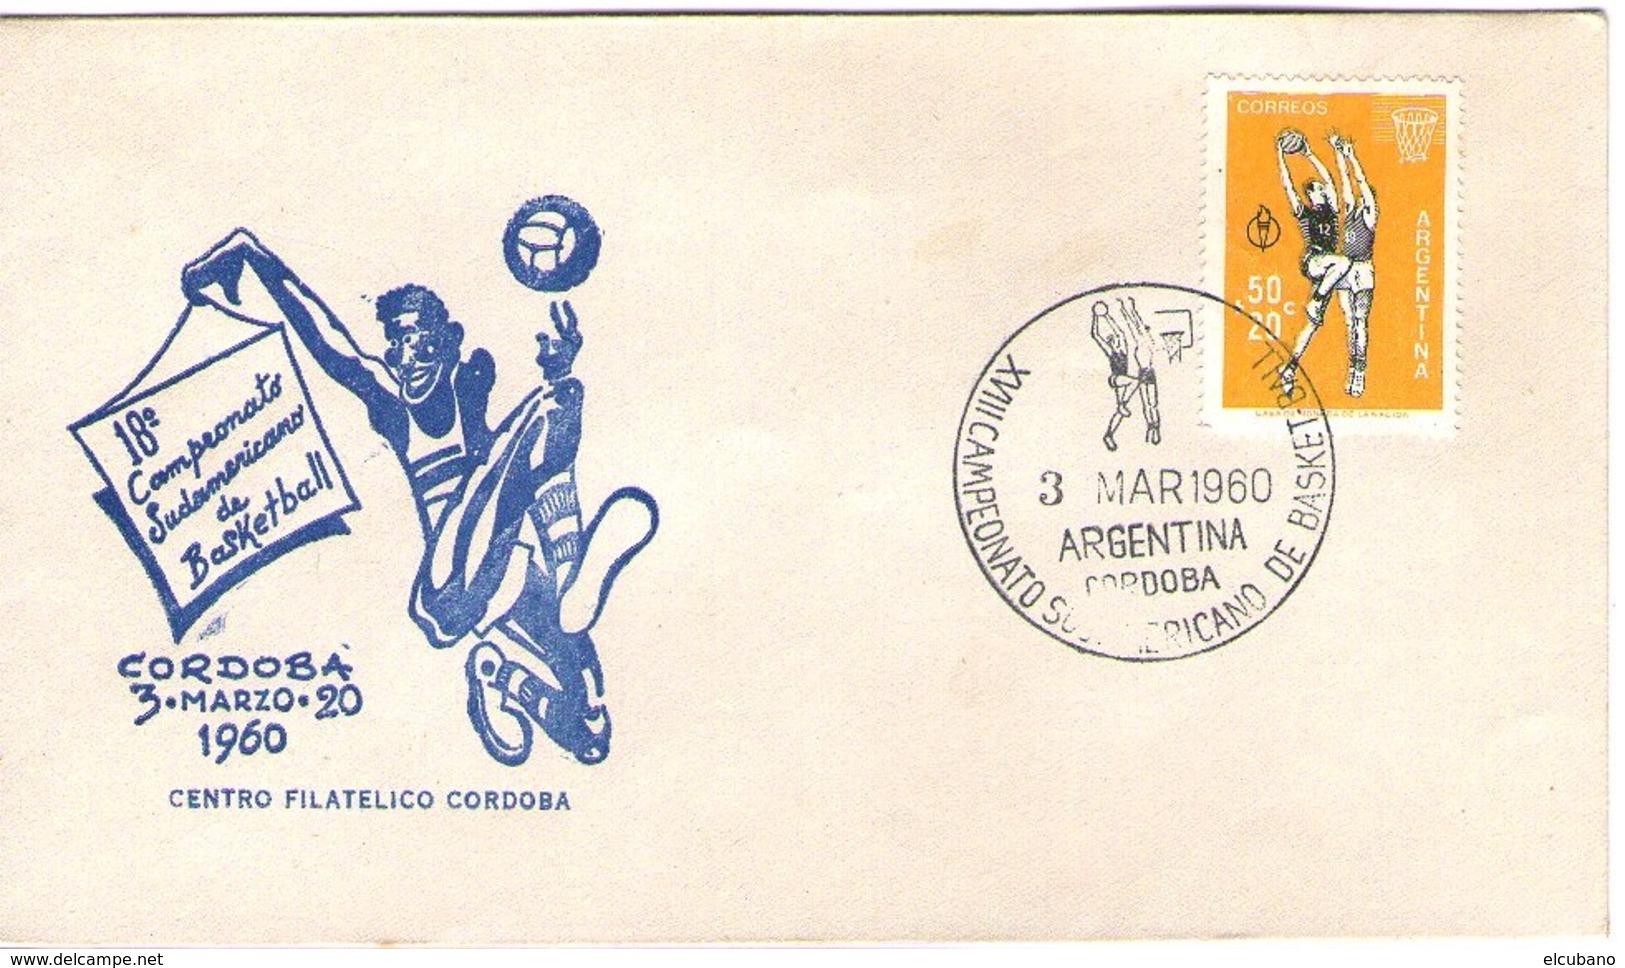 Argentina Basket Ball - Baloncesto XVIII Campionati Sudamericani Cordoba 3 Marzo 1960 Annullo Speciale - Argentina